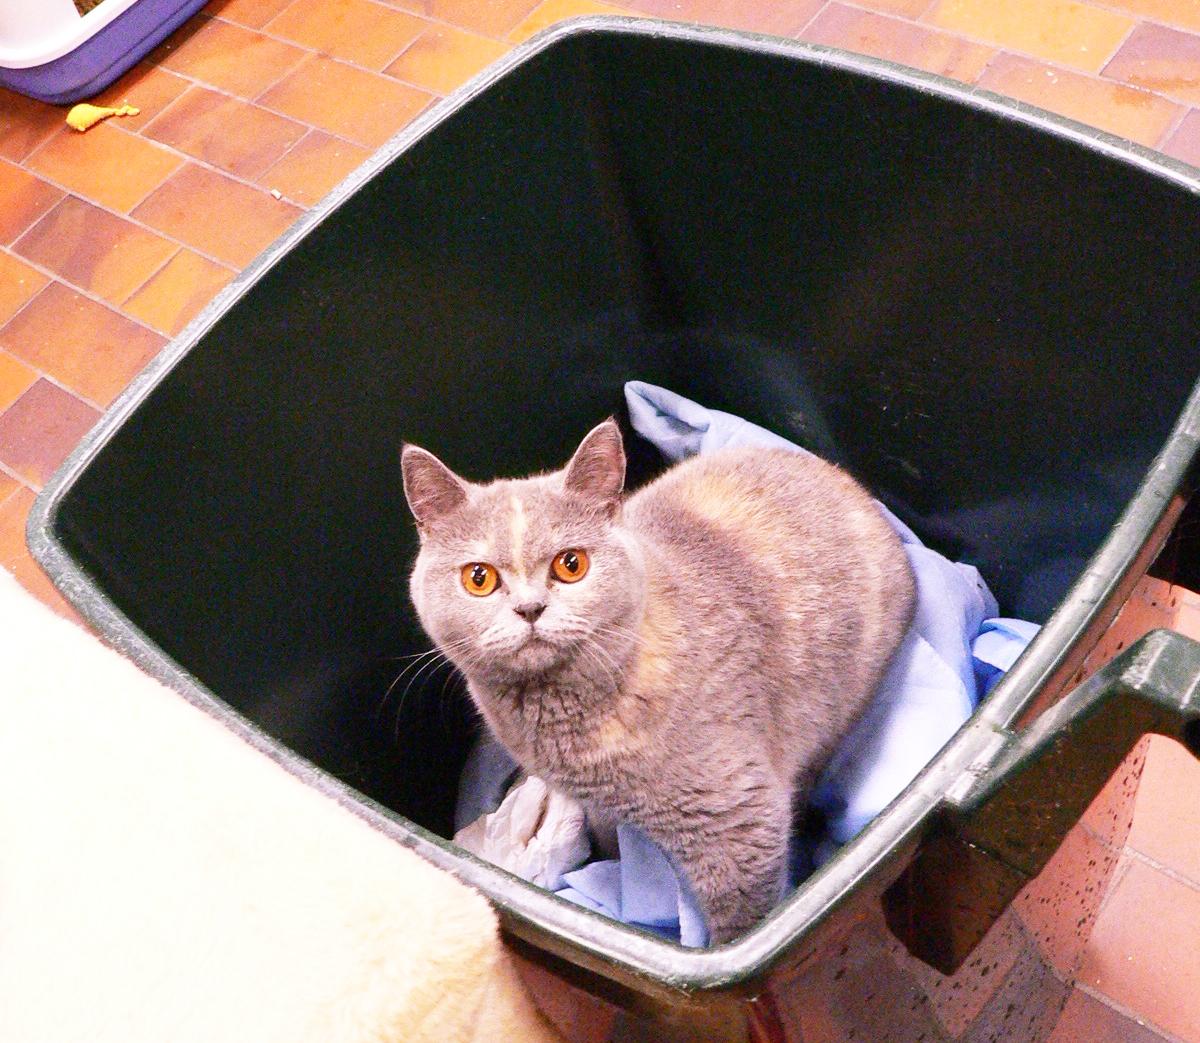 Wat is dit? Jullie hebben mijn favoriete dekentje bij het afval gegooid...